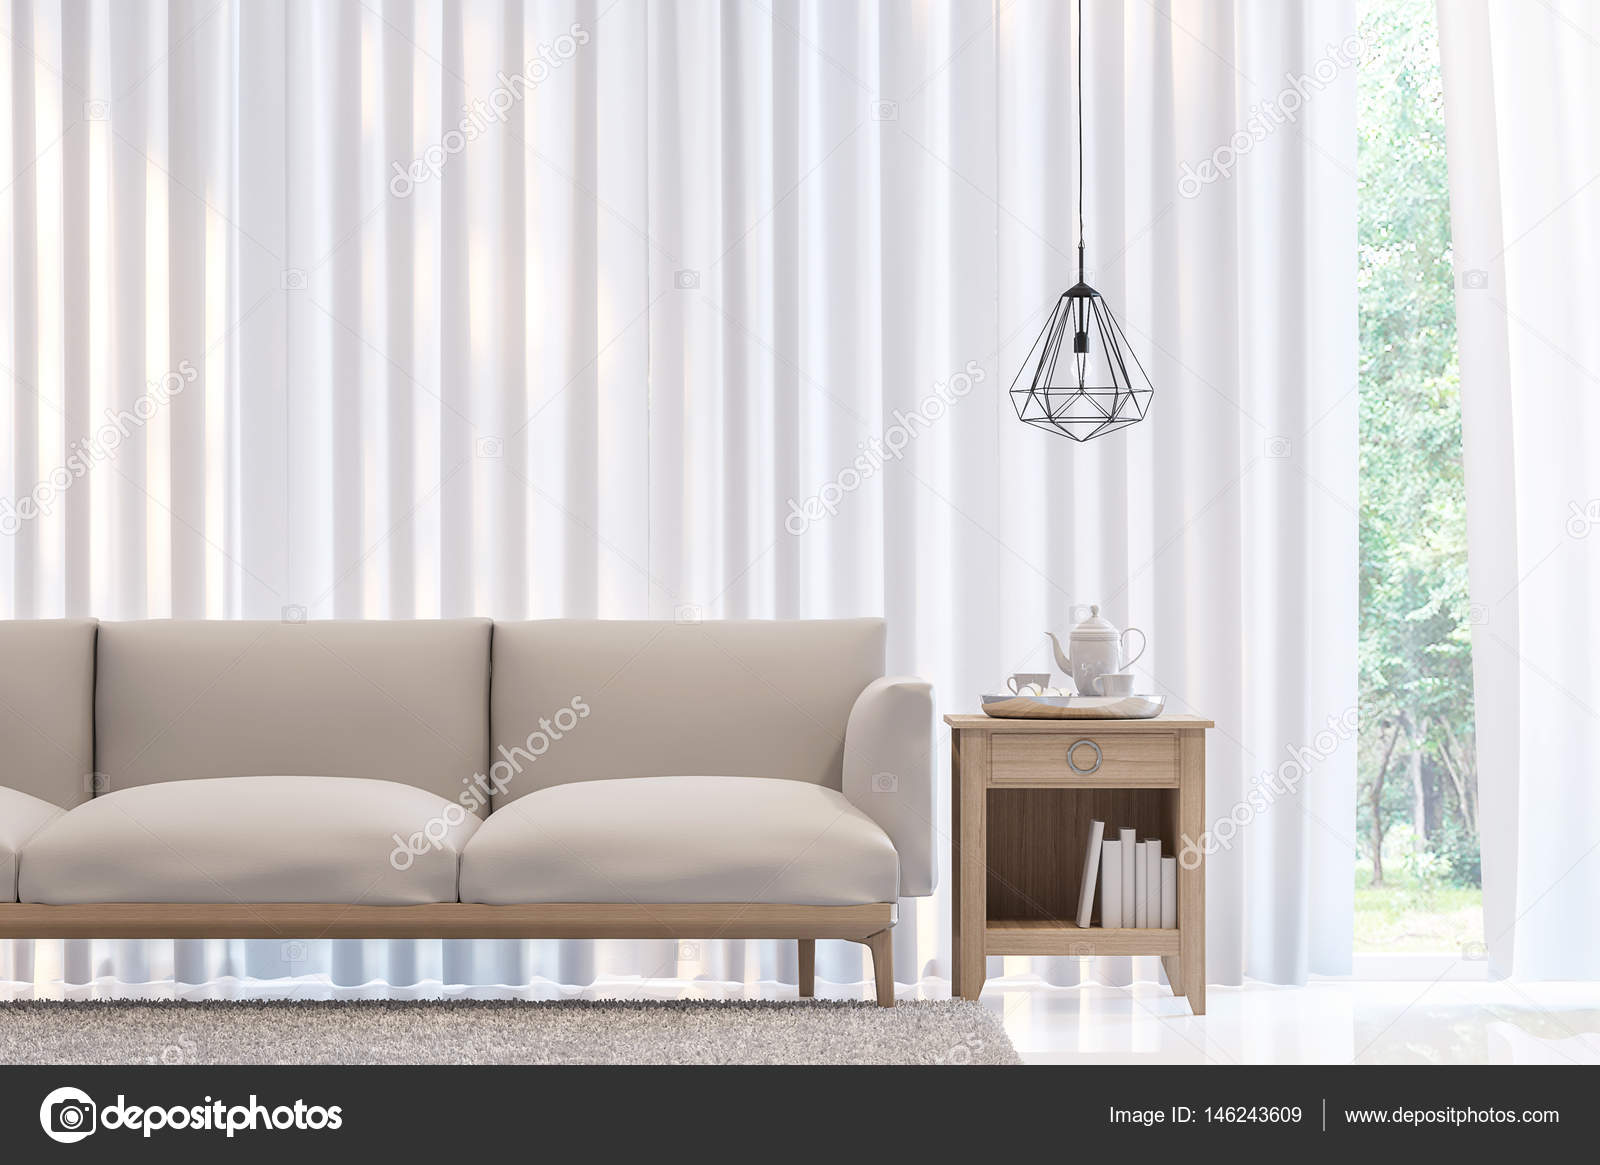 Moderne Weiße Schlafzimmer Minimalstil 3D Rendering Image.There Sind Zimmer  Mit Weißen Durchscheinenden Vorhang Und Weiße Möbel Dekorieren U2014 Foto Von  Onzon